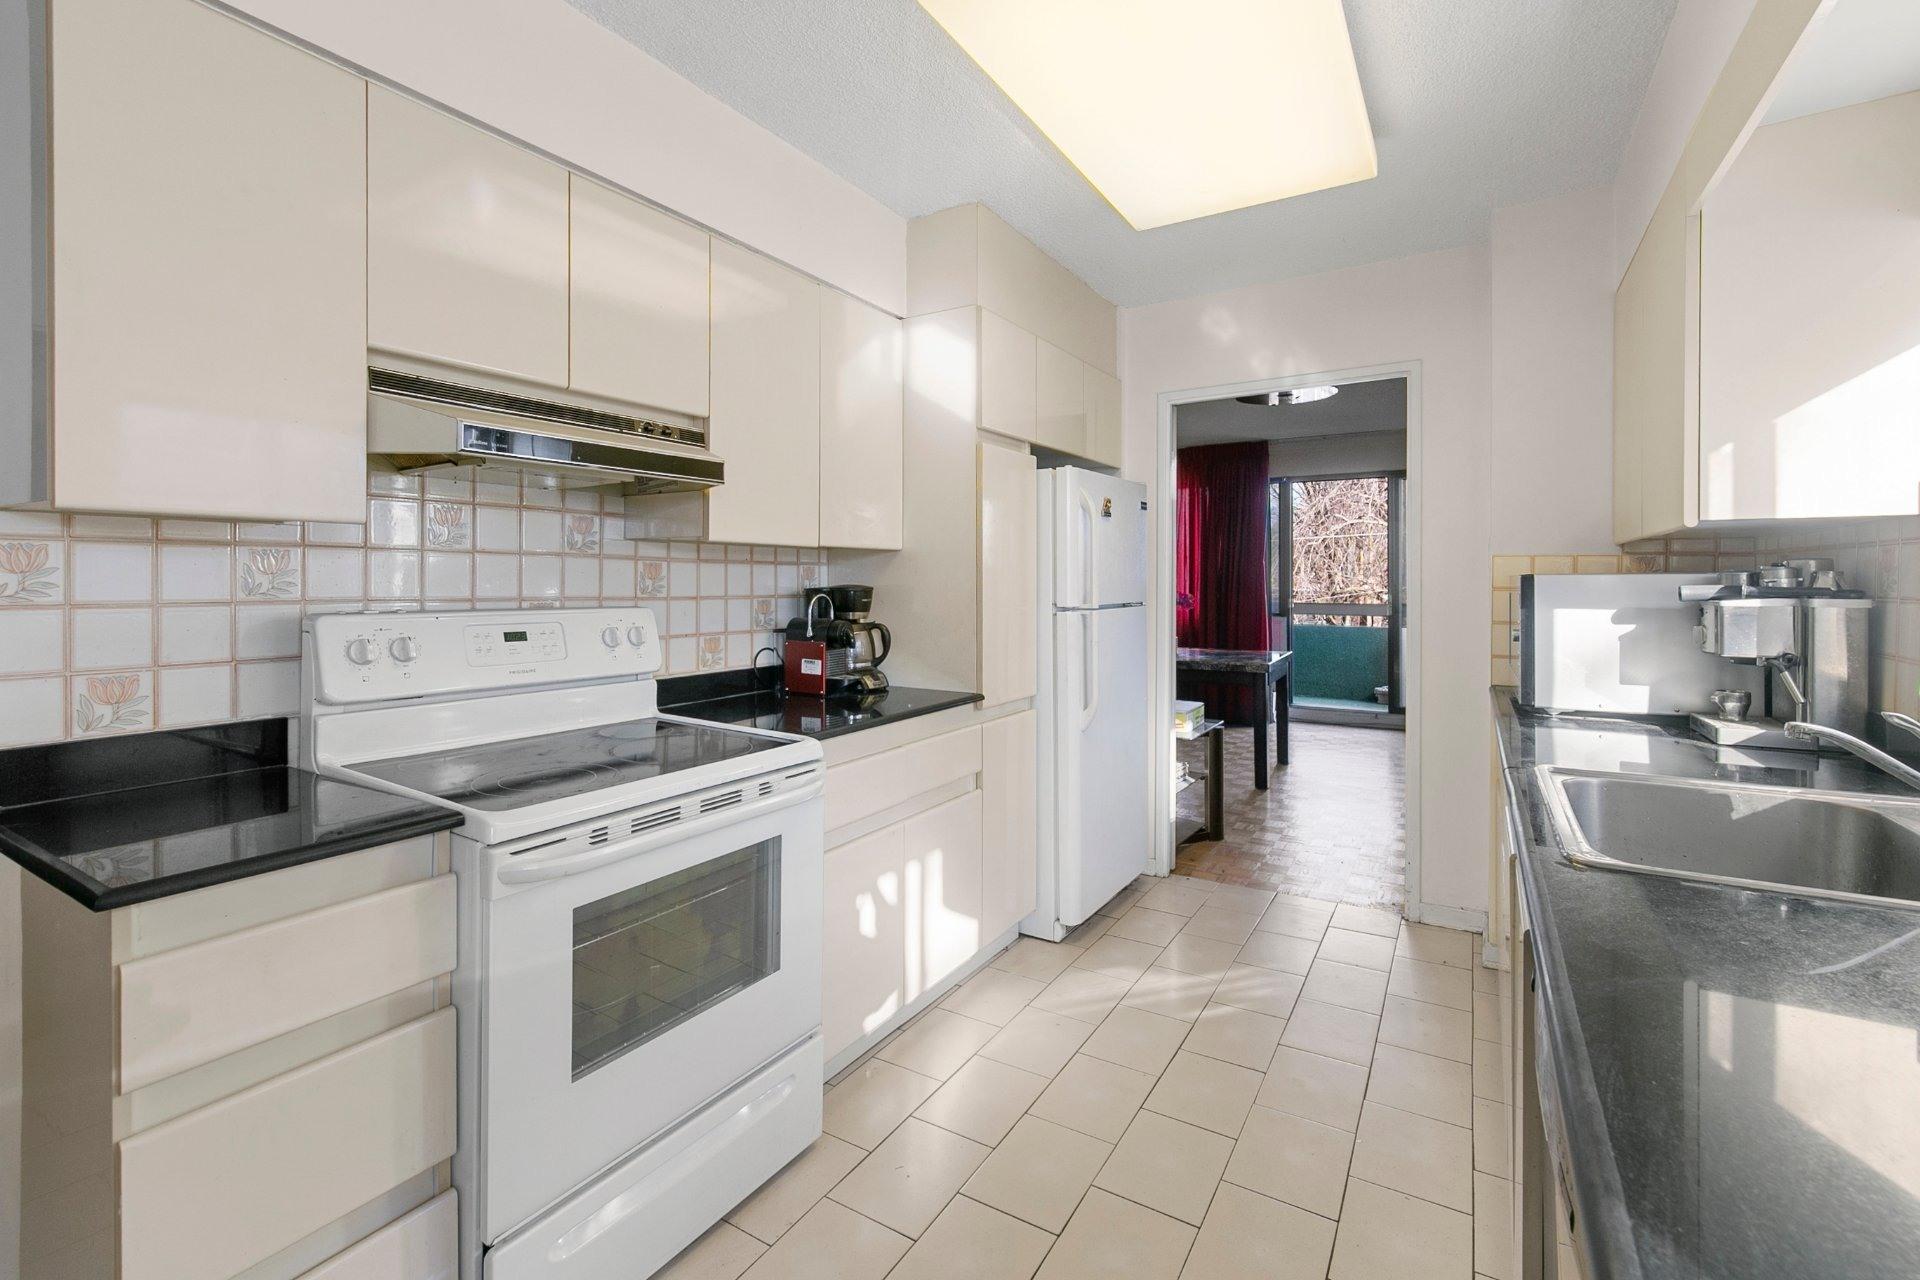 image 13 - Appartement À vendre Côte-Saint-Luc - 5 pièces